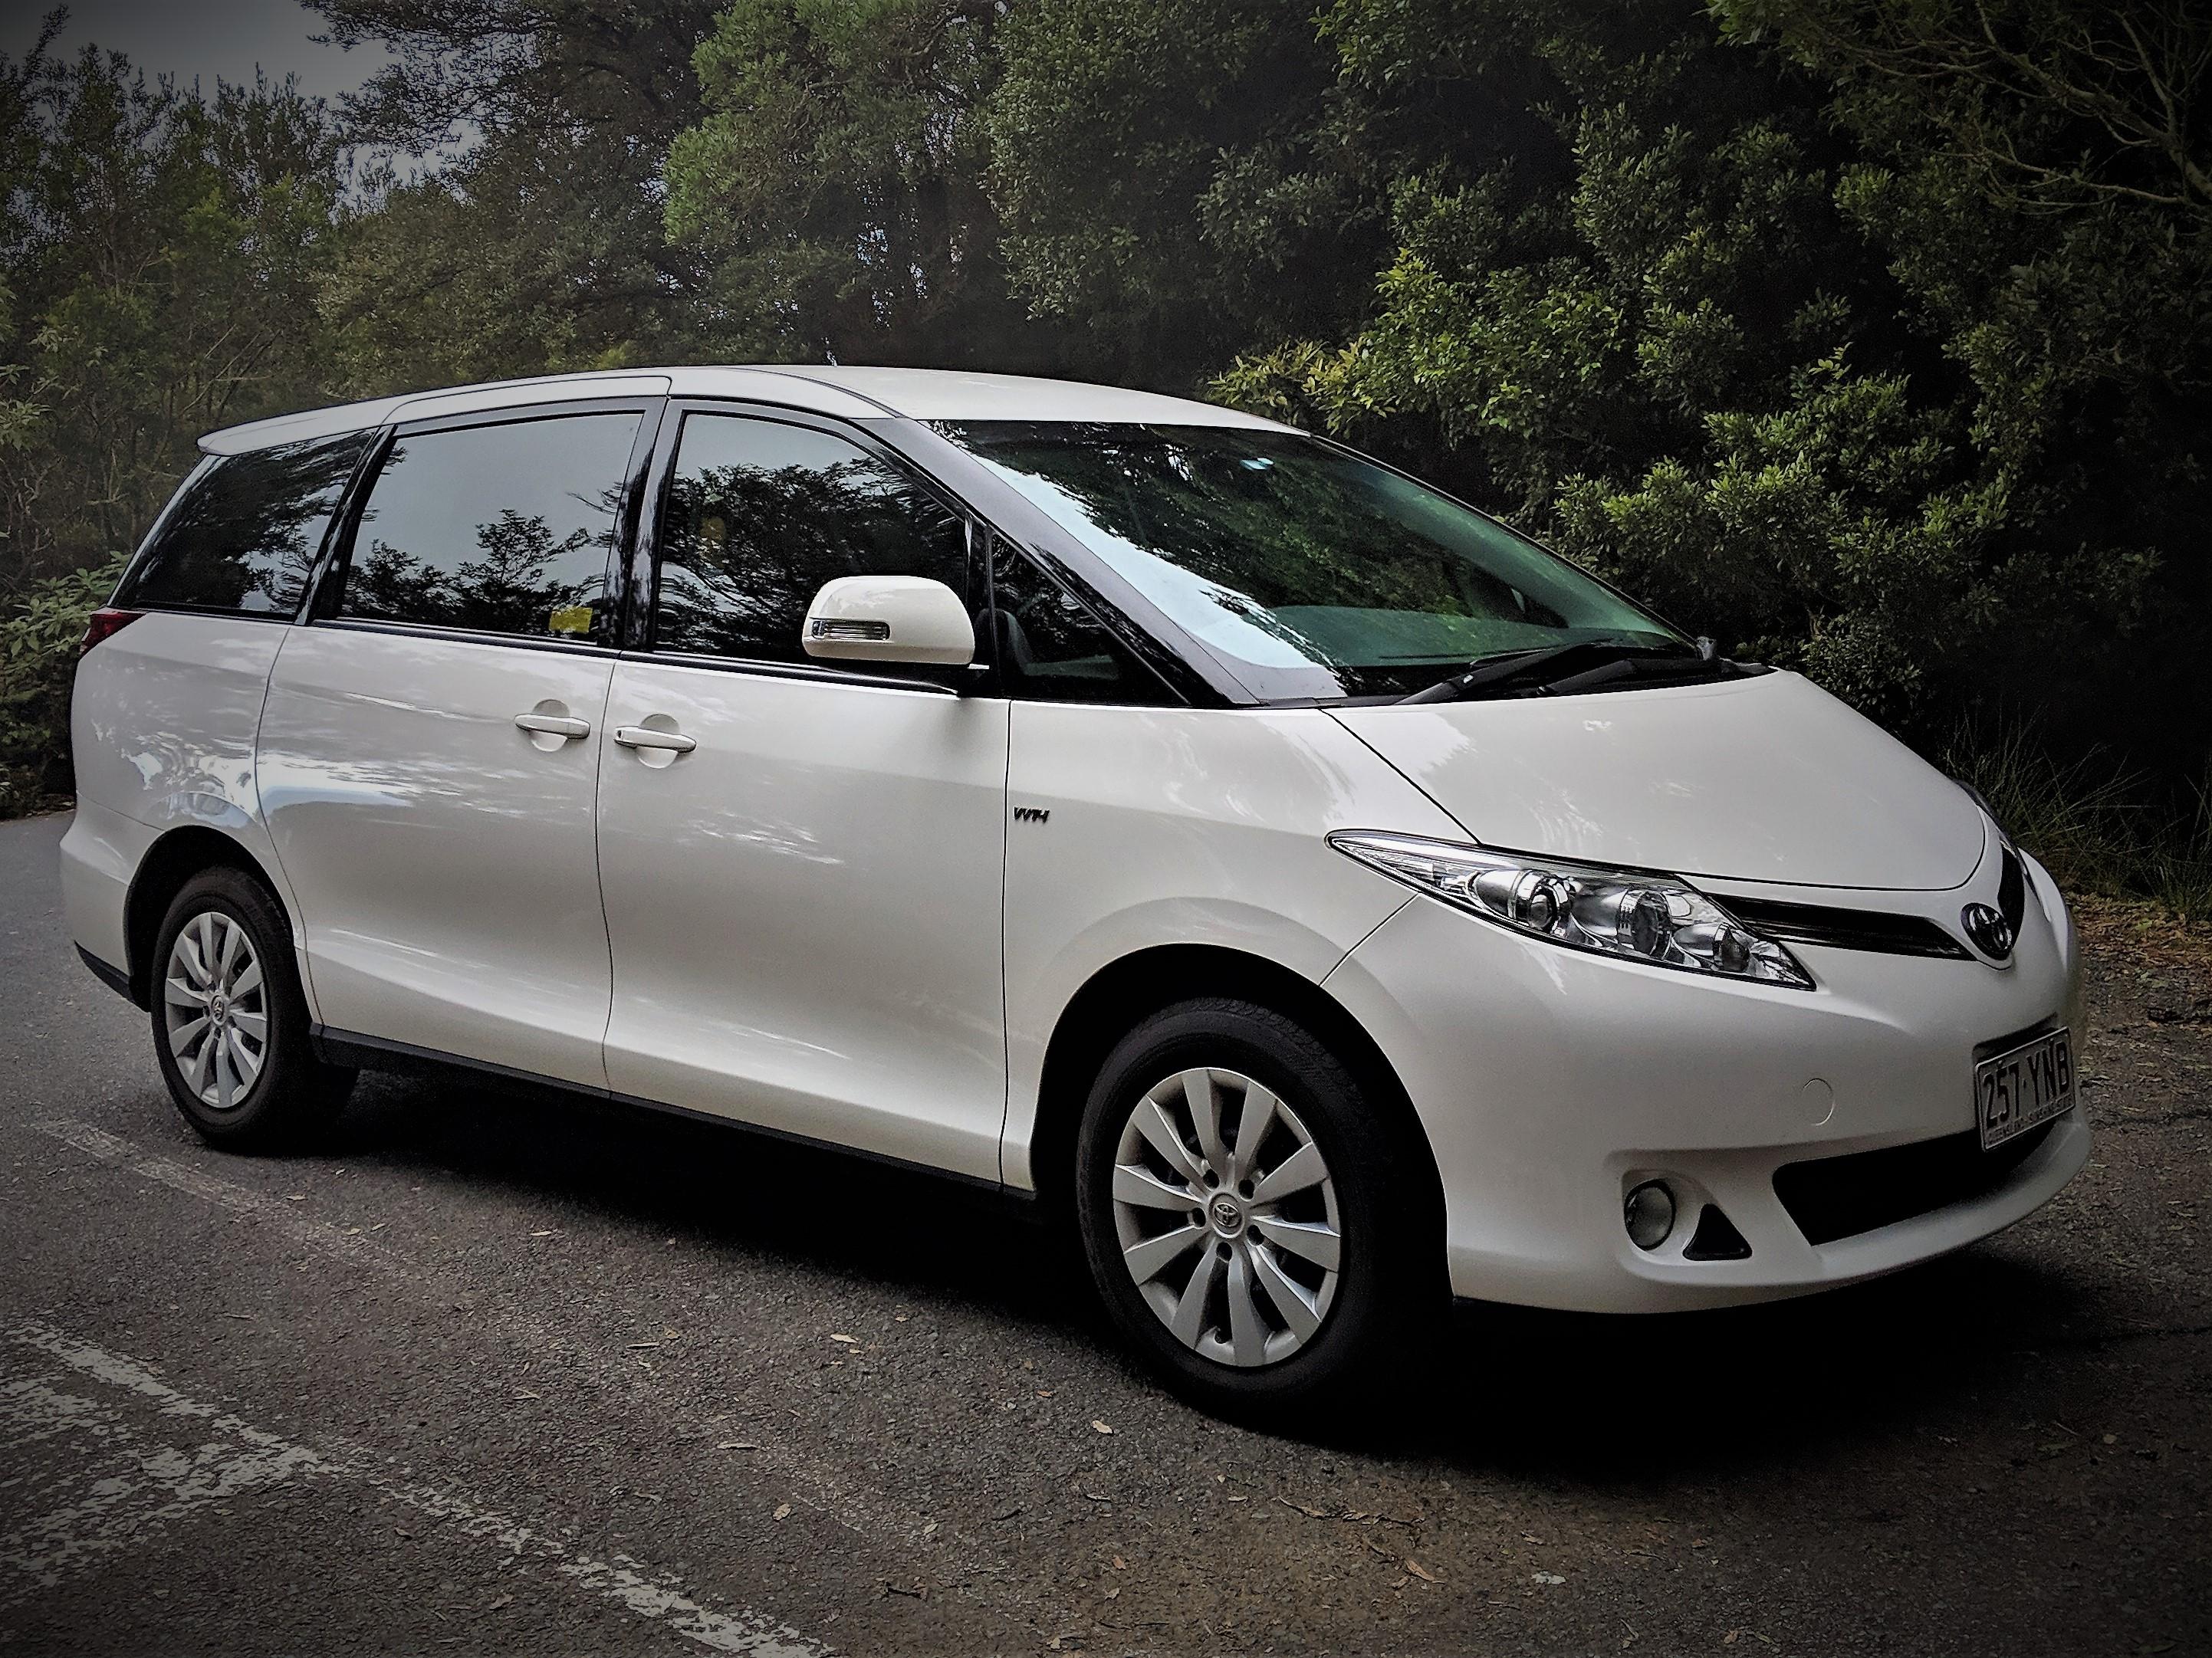 Picture of Jesani's 2014 Toyota Tarago